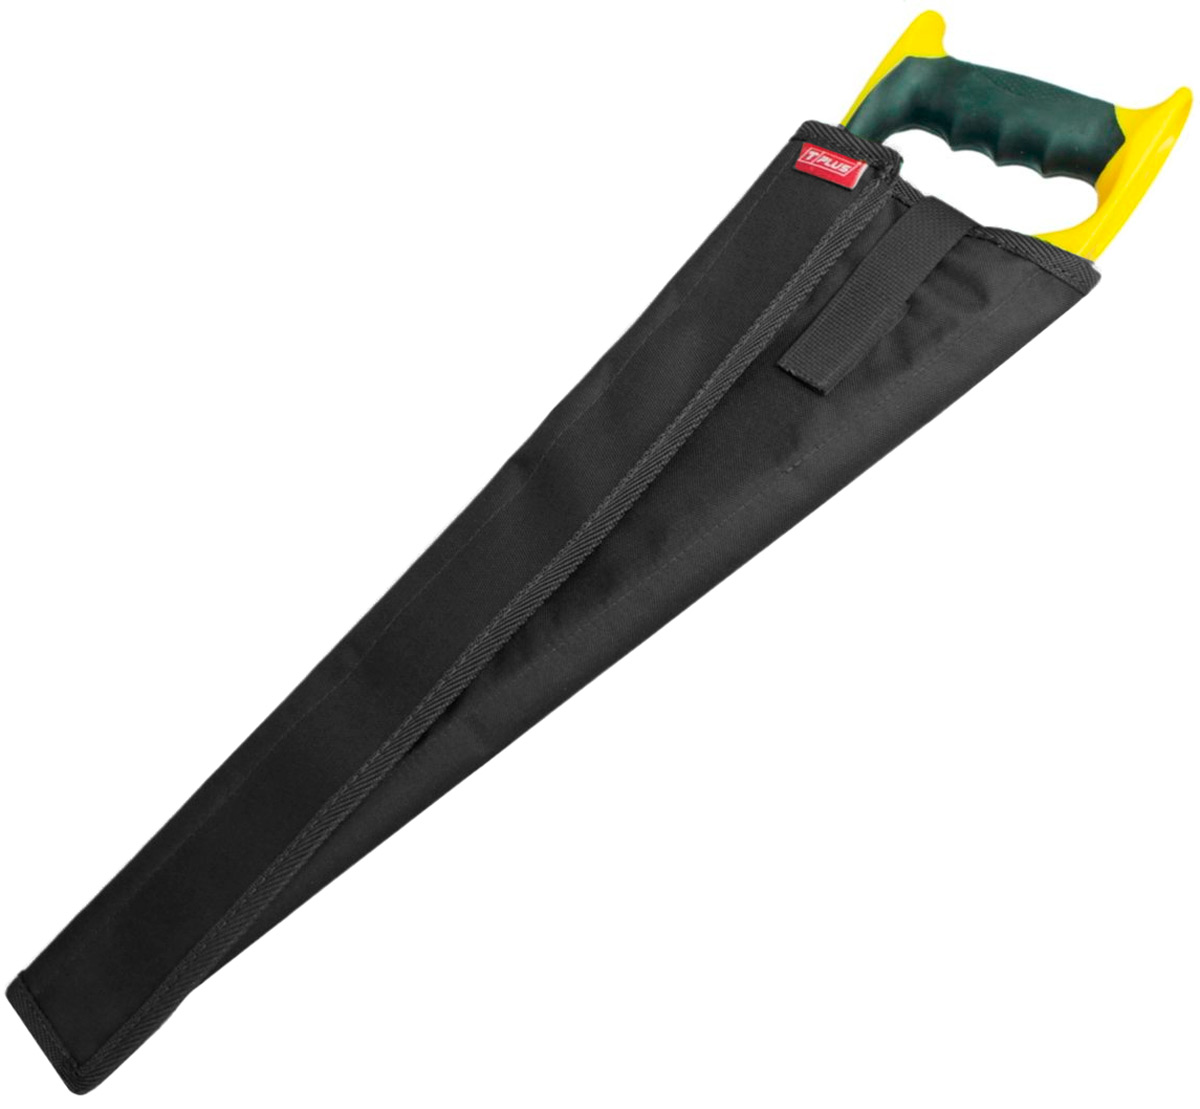 Чехол для ножовки Tplus, кордура 900, цвет: черный, 55 см